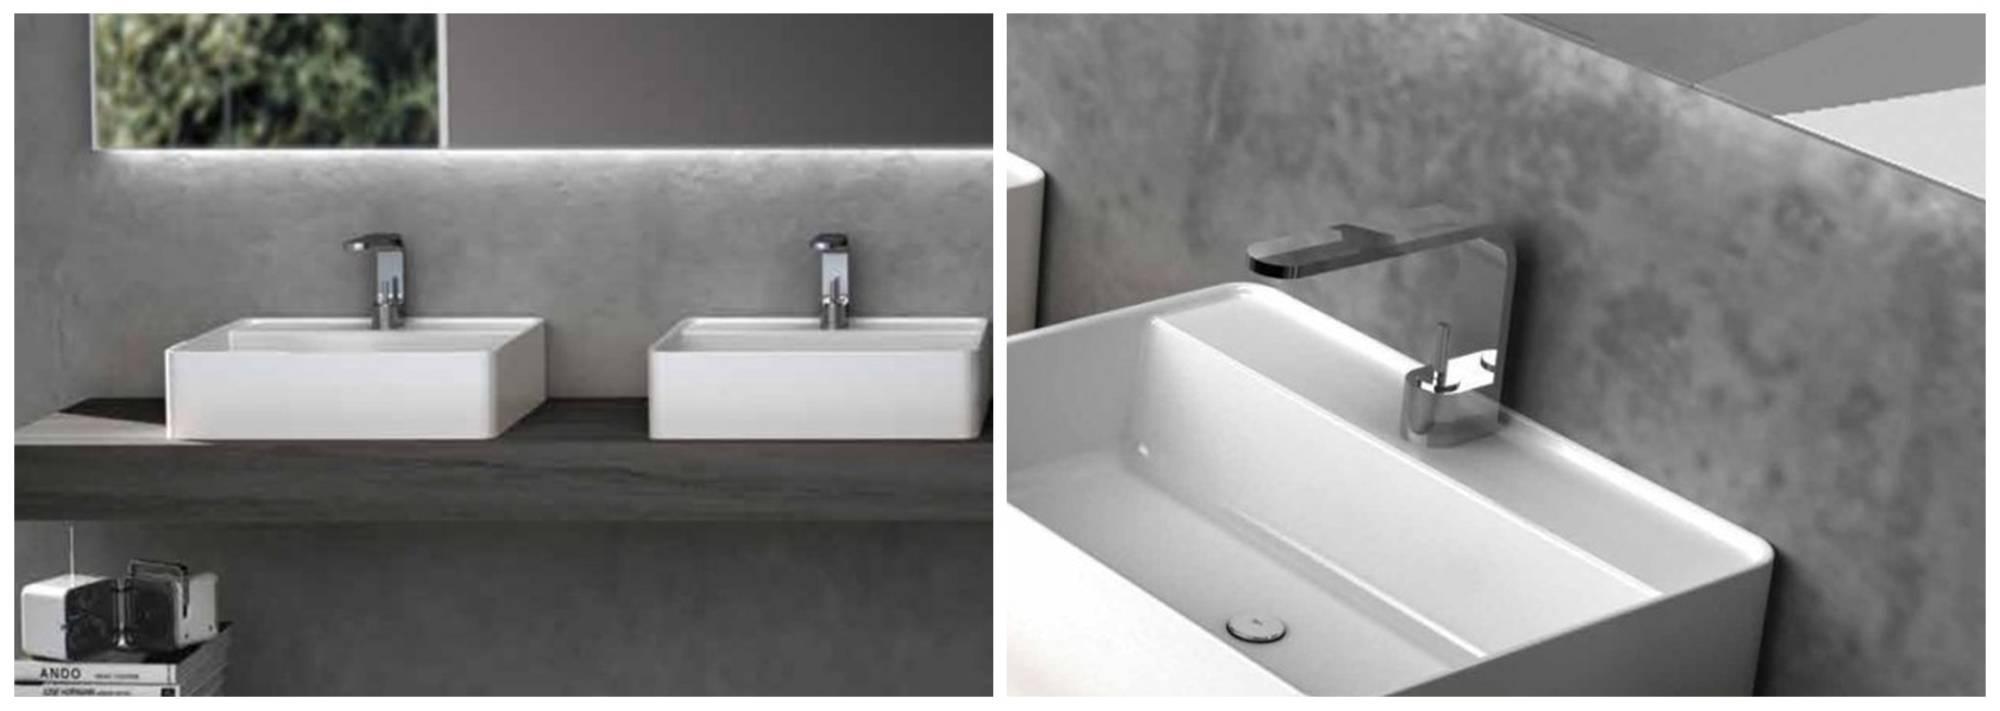 lavabo-nic-design-semplice-rettangolo-con-foro-ceramica